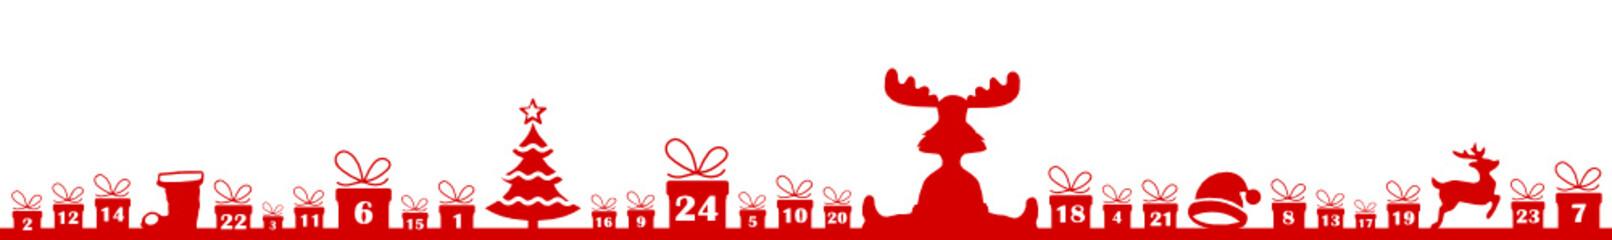 Geschenke Weihnachtskalender.Search Photos Adventskalender